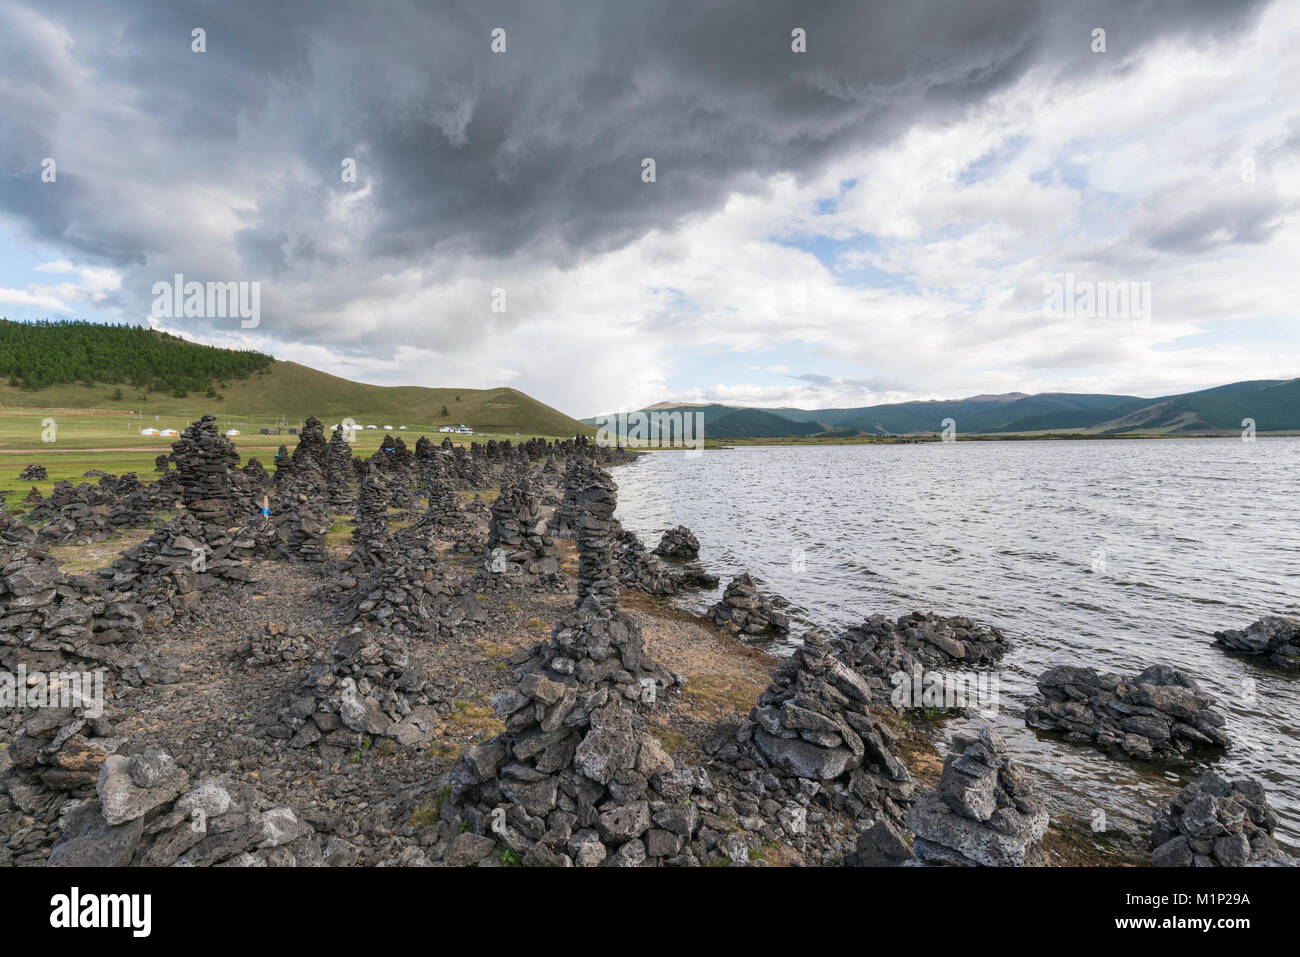 Formazioni di roccia vulcanica sulle rive del Lago Bianco, Tariat distretto, Nord provincia Hangay, Mongolia, Asia Centrale, Asia Foto Stock